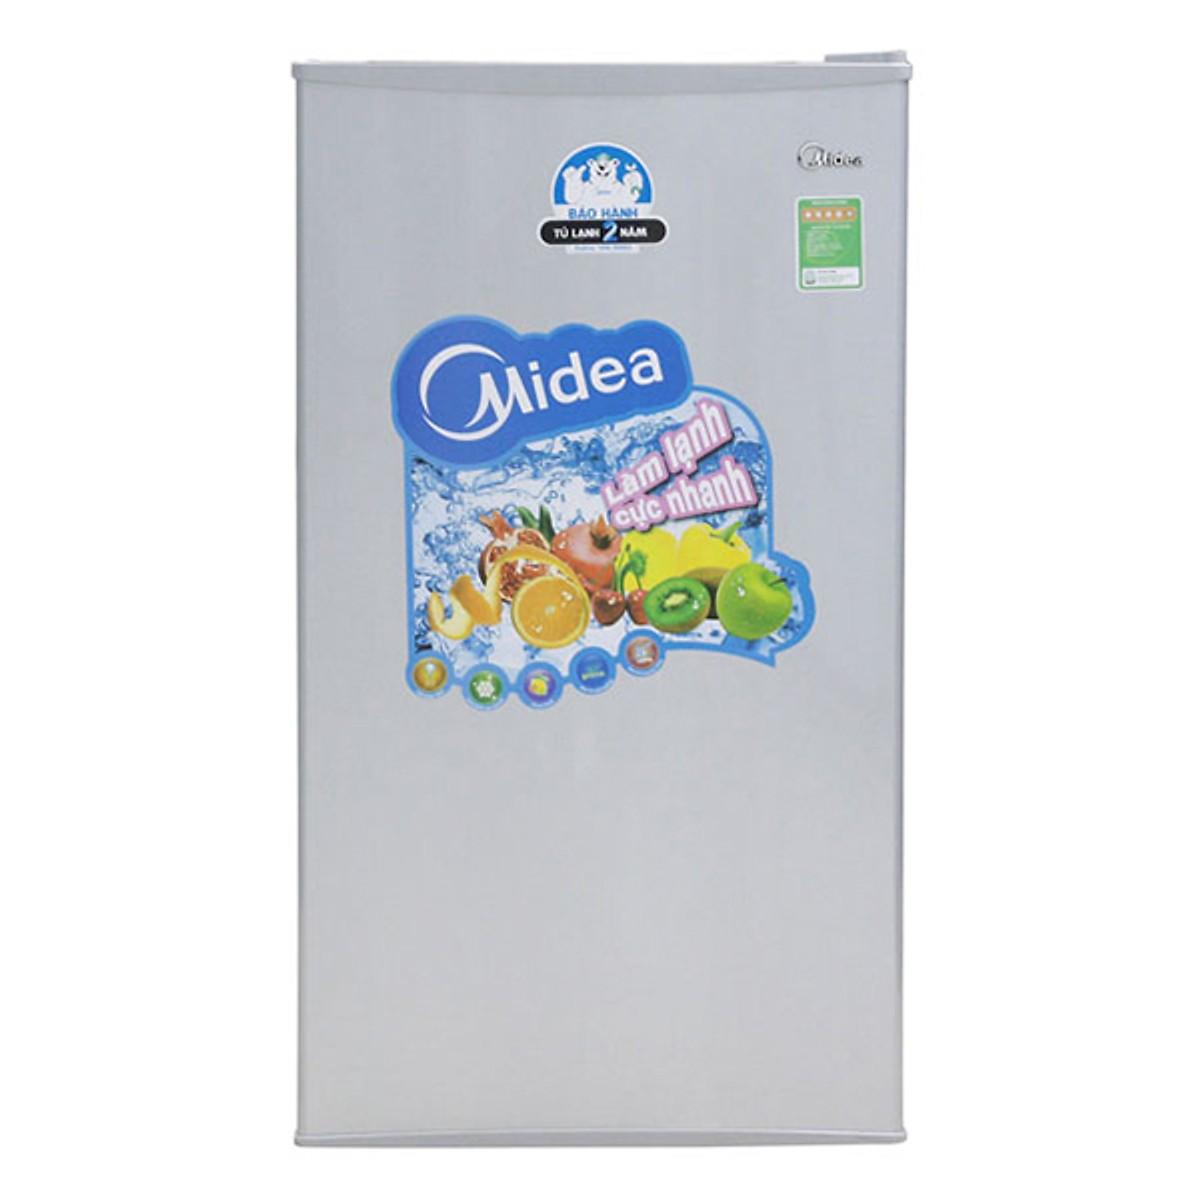 Tủ lạnh mini Midea 93lit giá rẻ